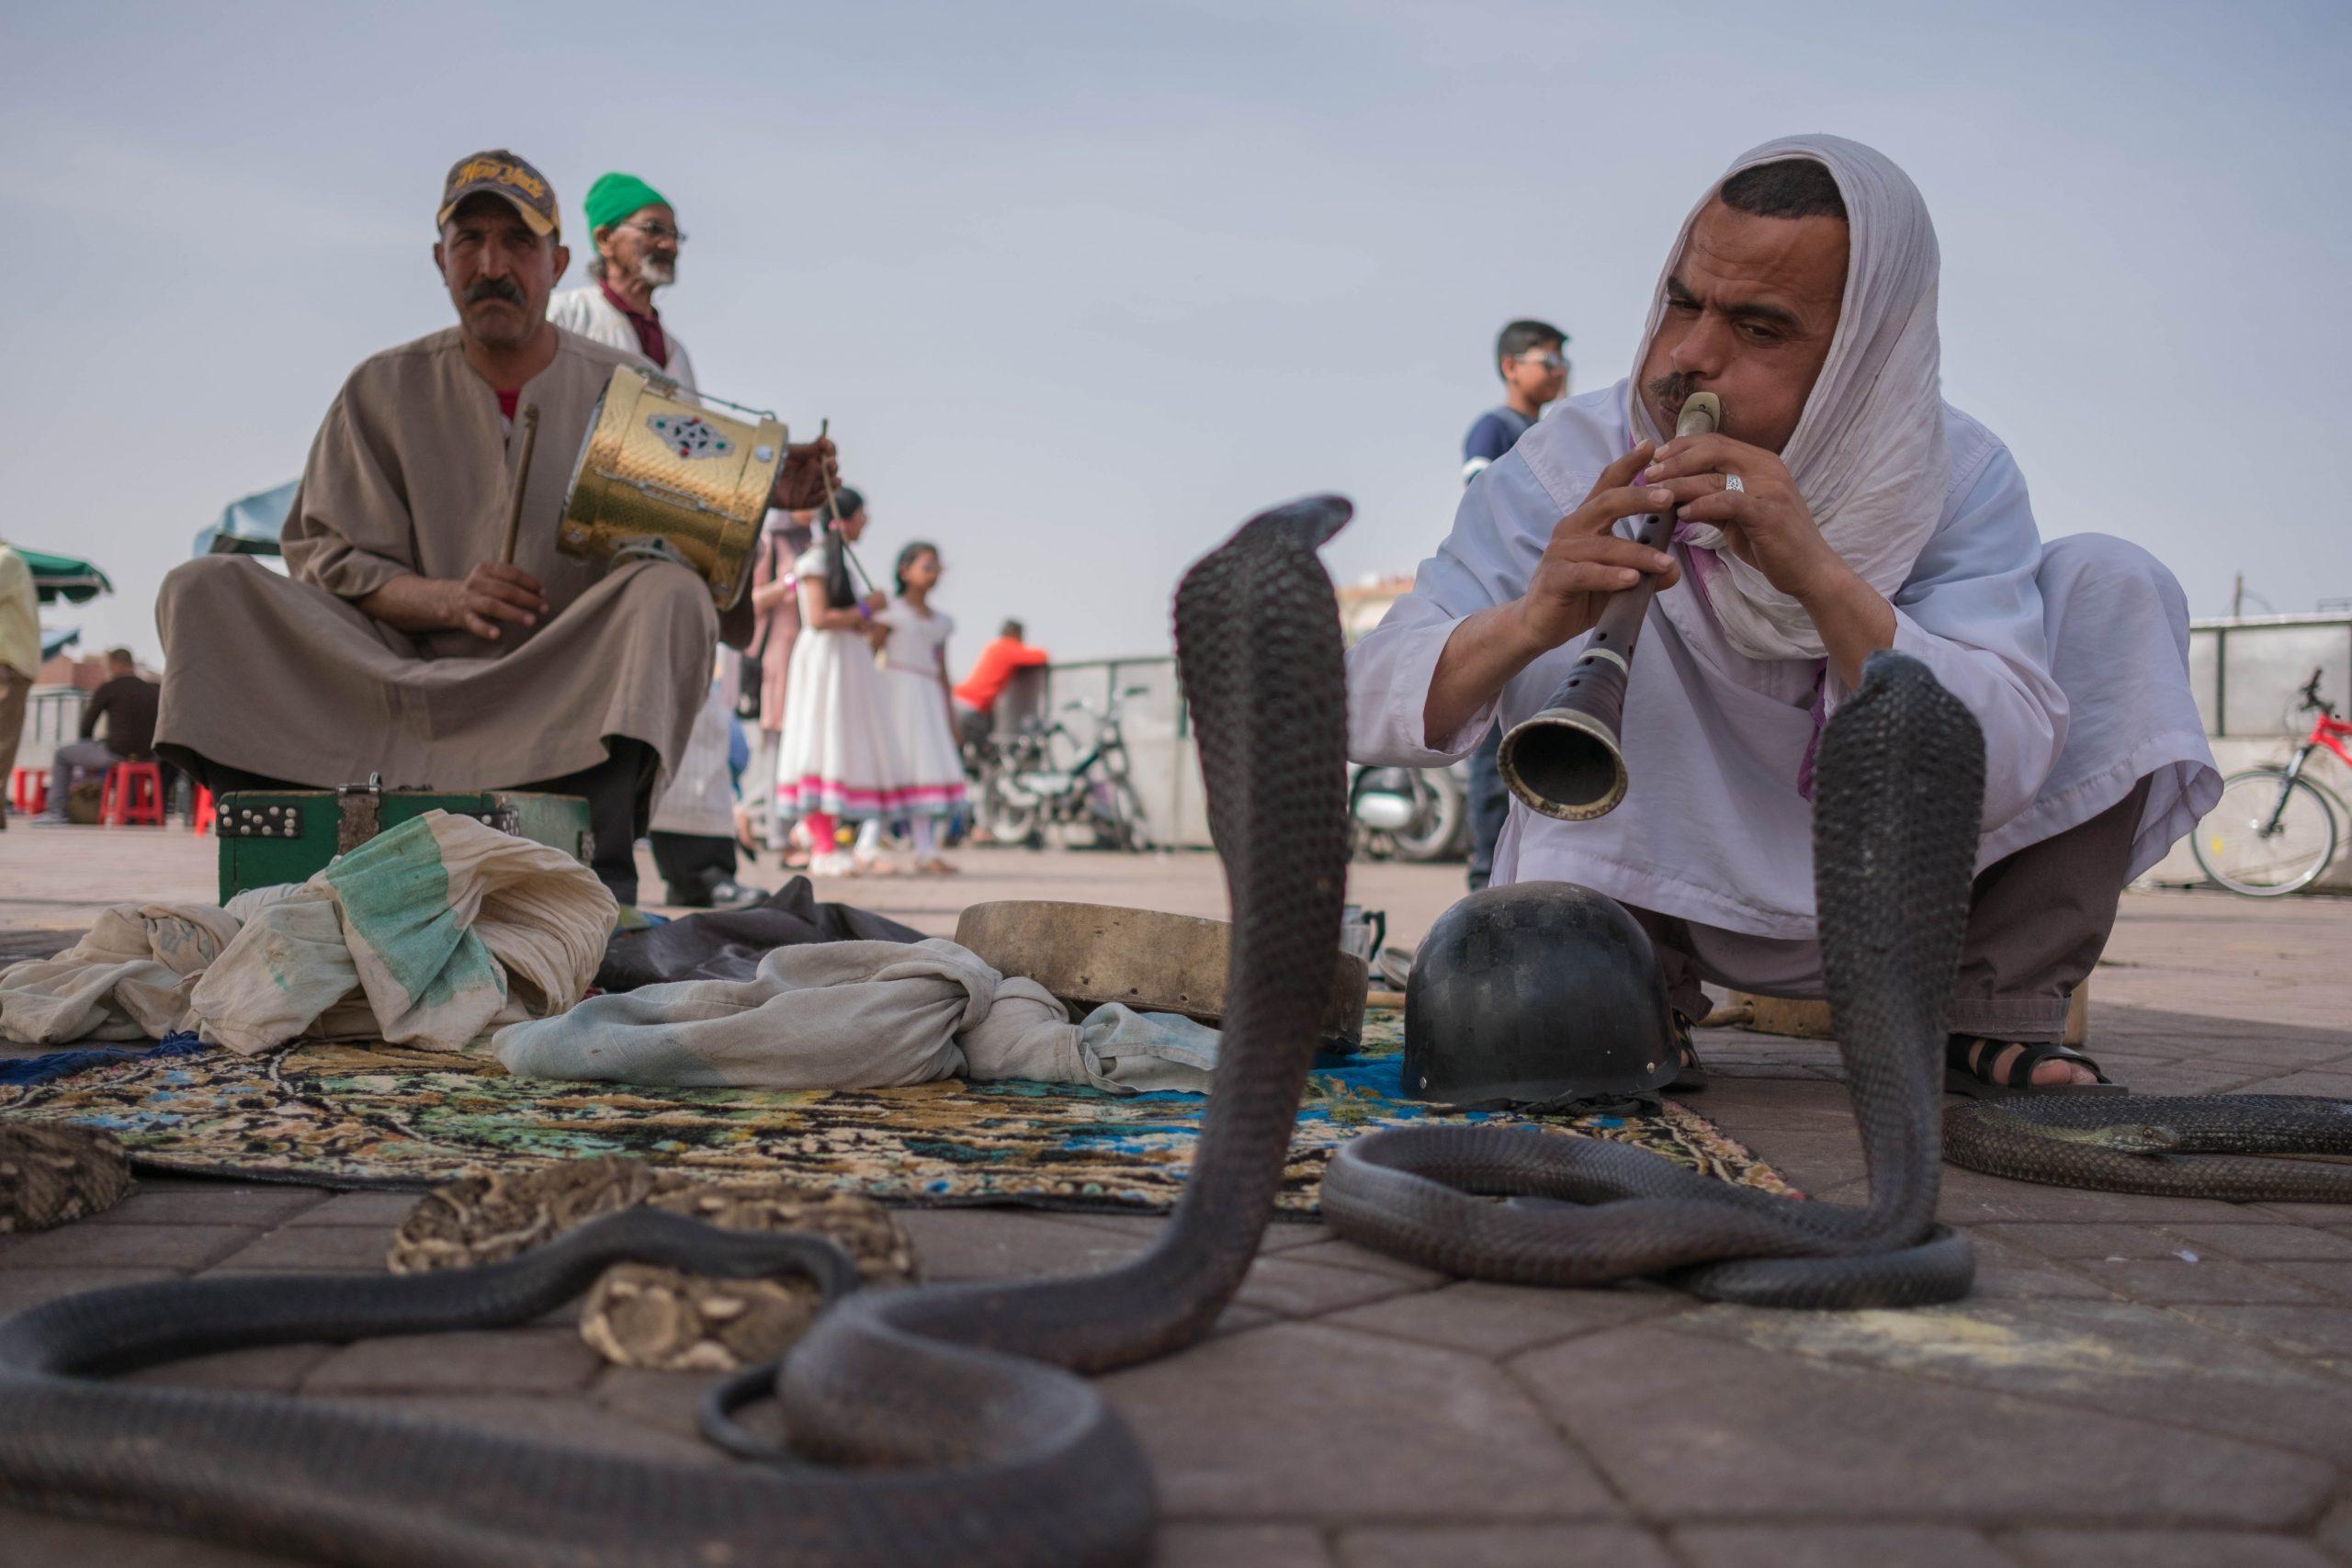 gallery image for Hidden Marrakech Through The Lens